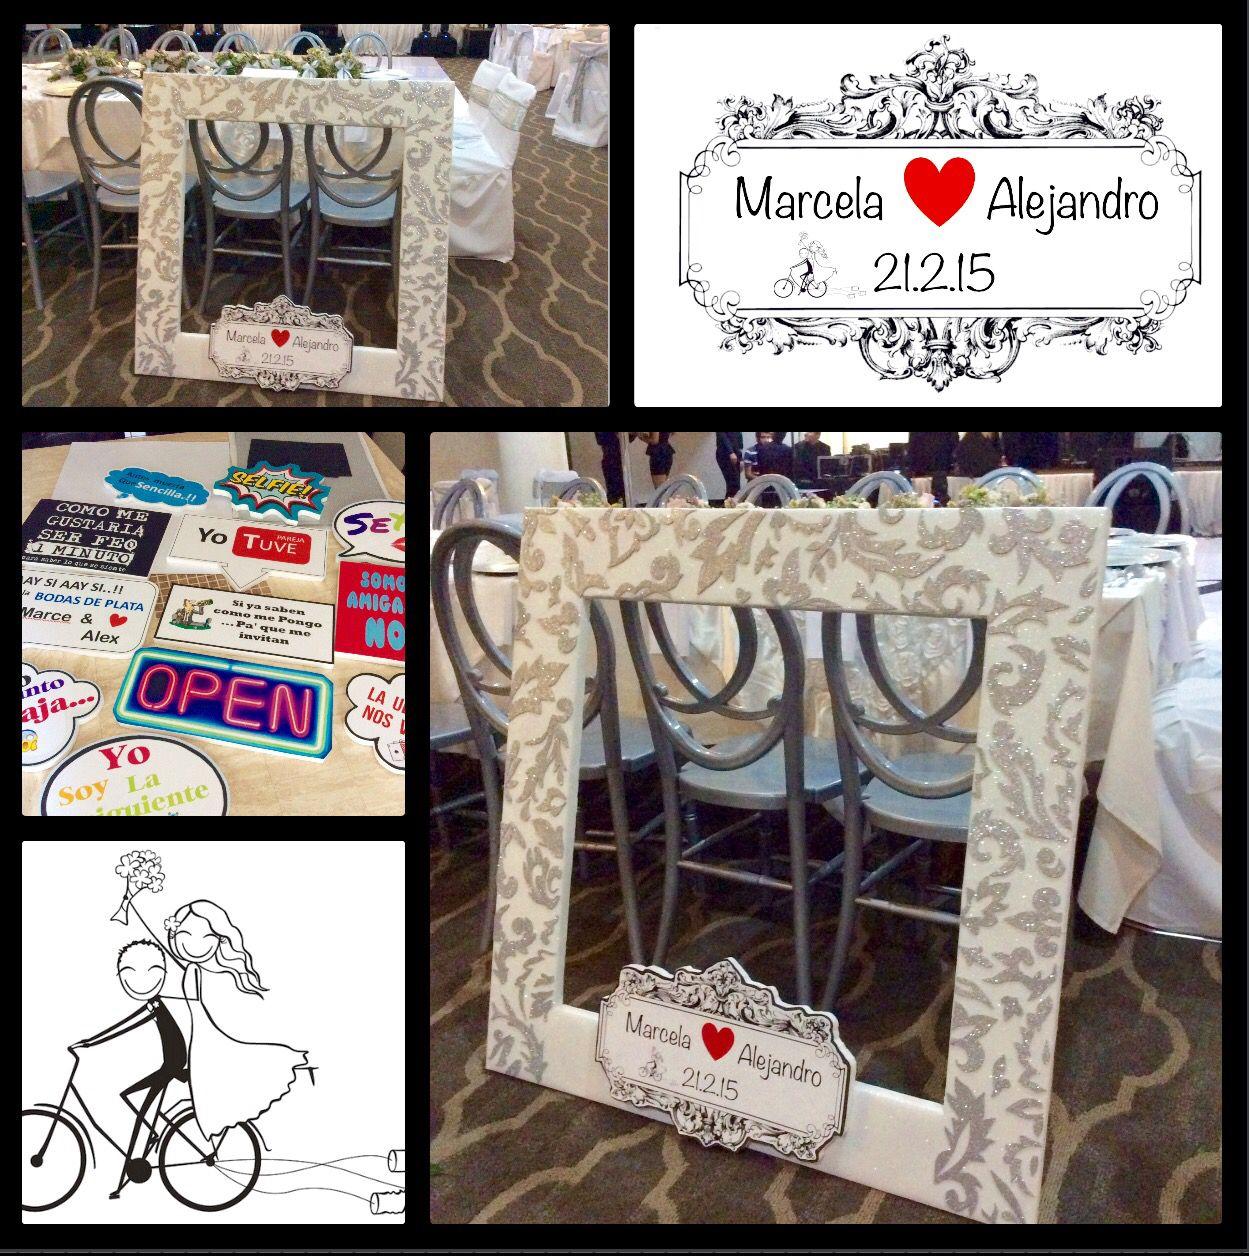 Marco fotos bodas de plata | My Board | Pinterest | Bodas de plata ...